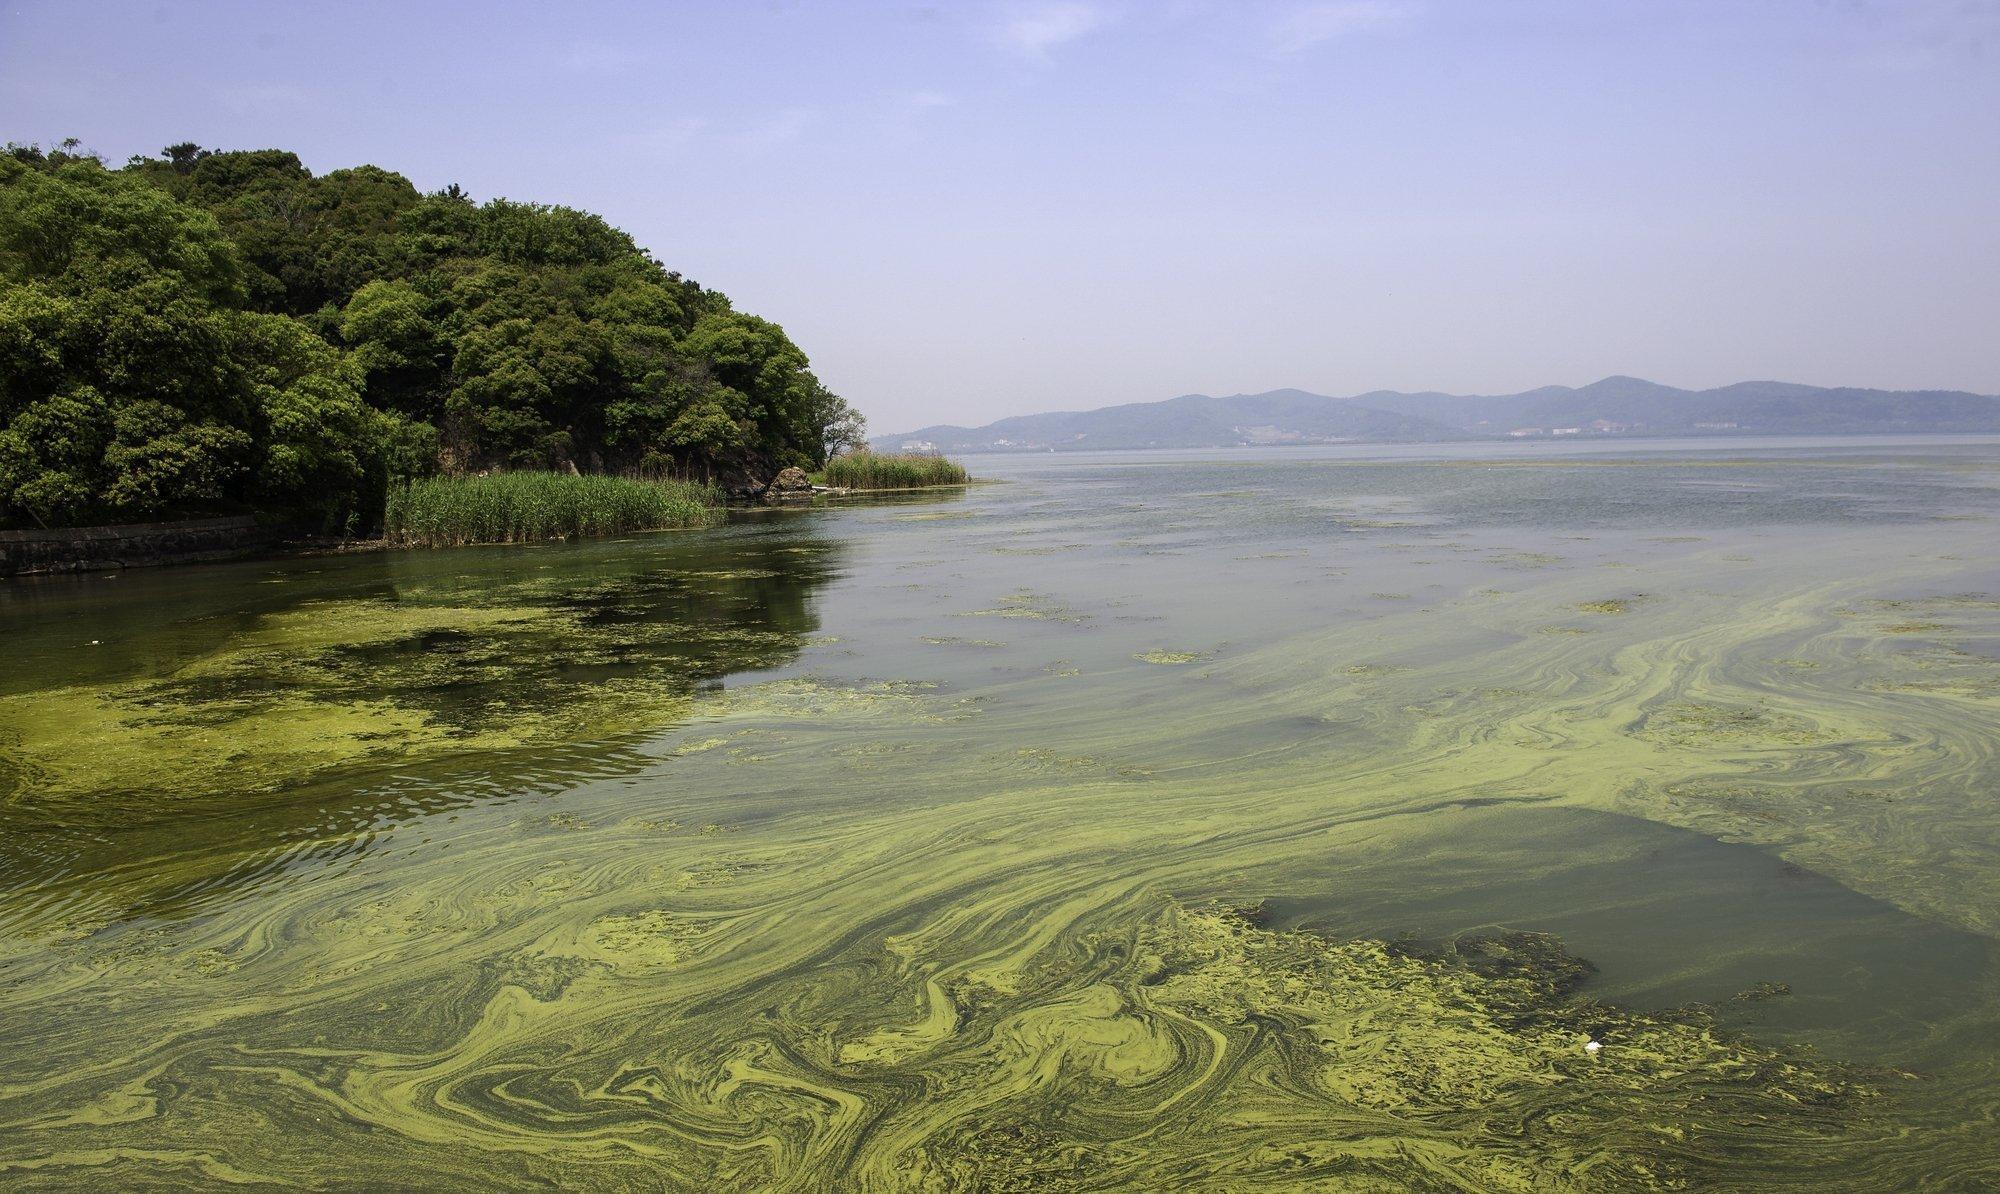 Aufnahme eines Sees mit Algenblüten. Ein grüner Film treibt auf der Wasseroberfläche.